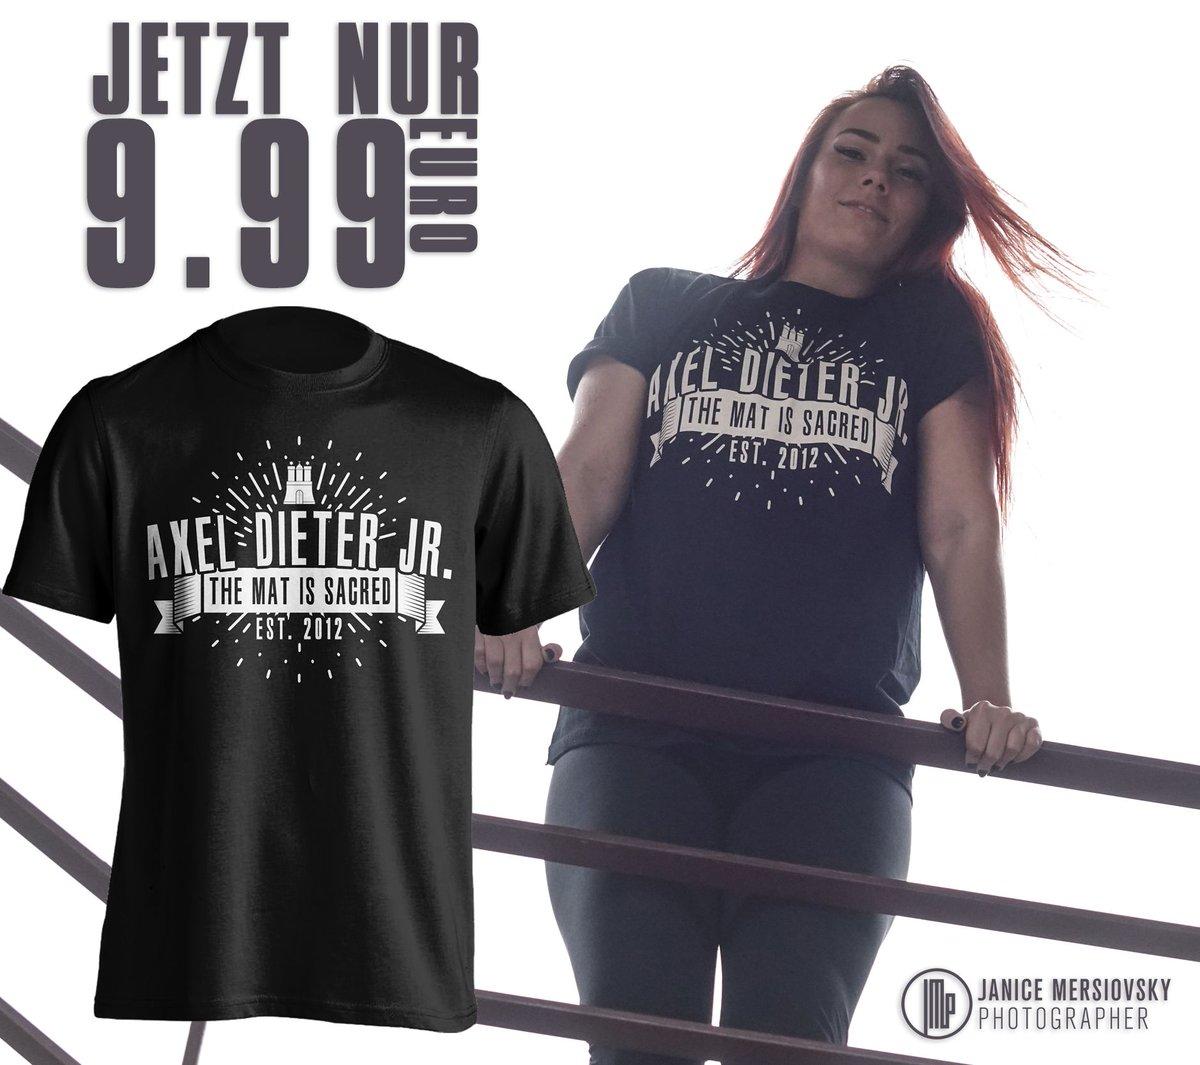 https://ringkampf.bigcartel.com/